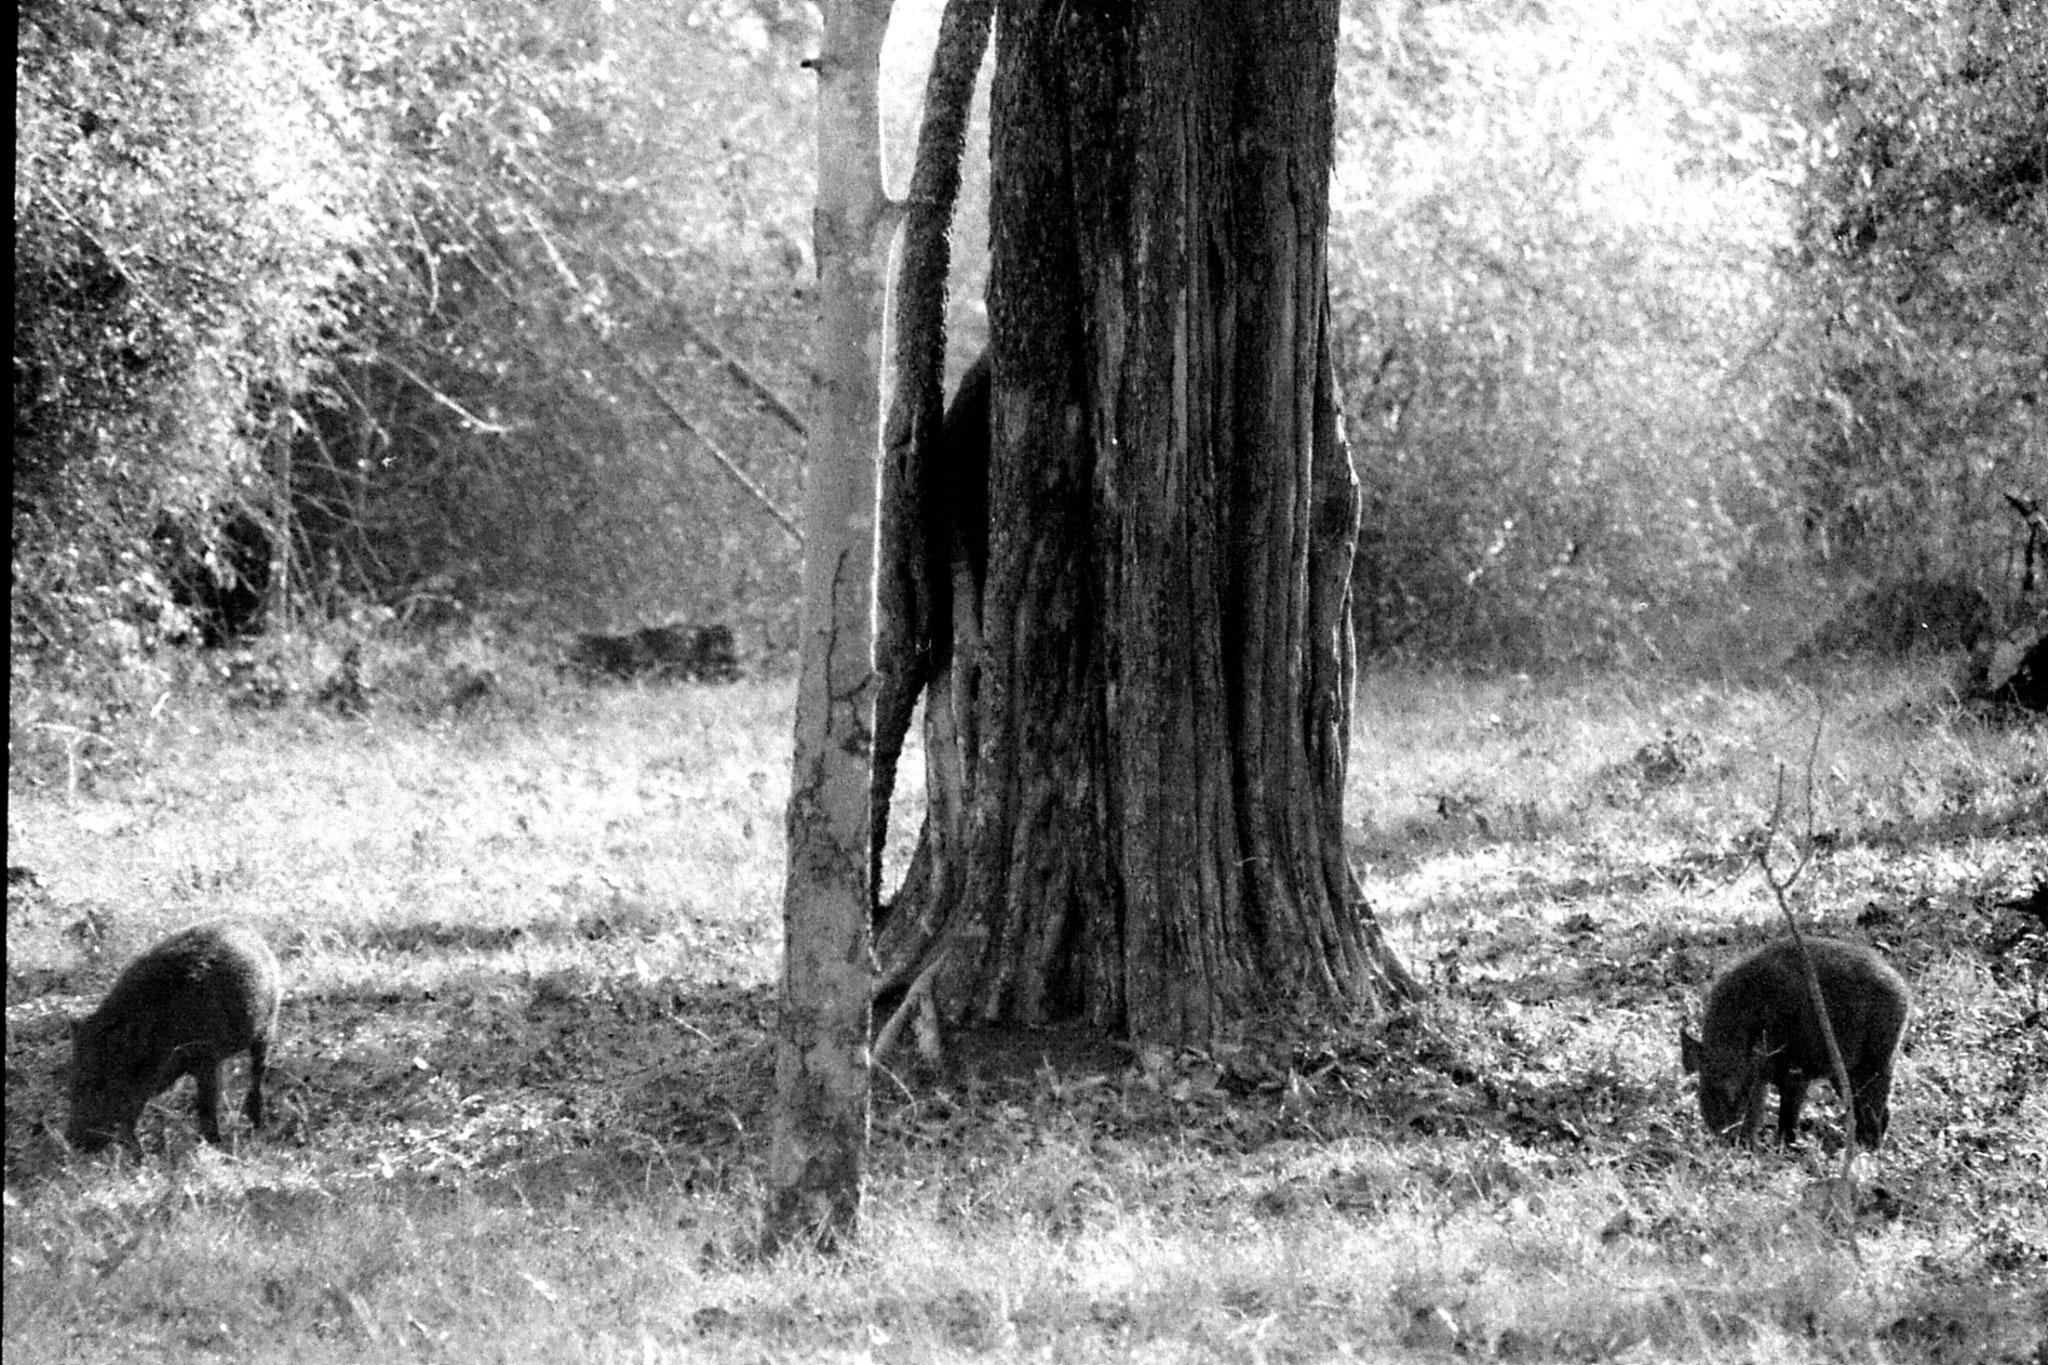 9/3/1990: 24: Nagarahole wild boar